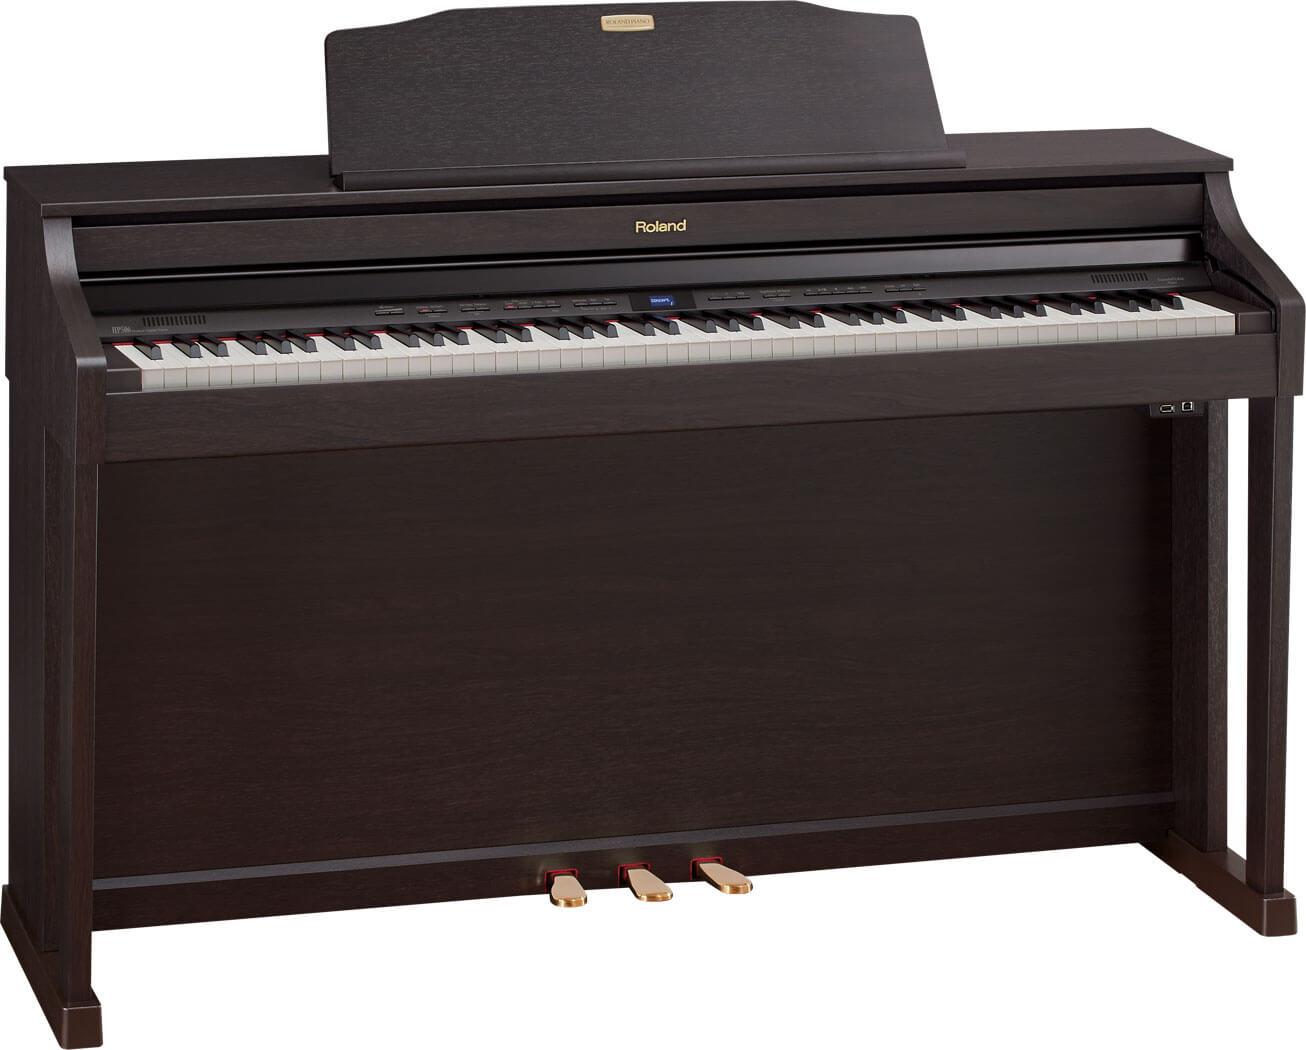 罗兰 Ralond  HP508 88键 高端电钢琴